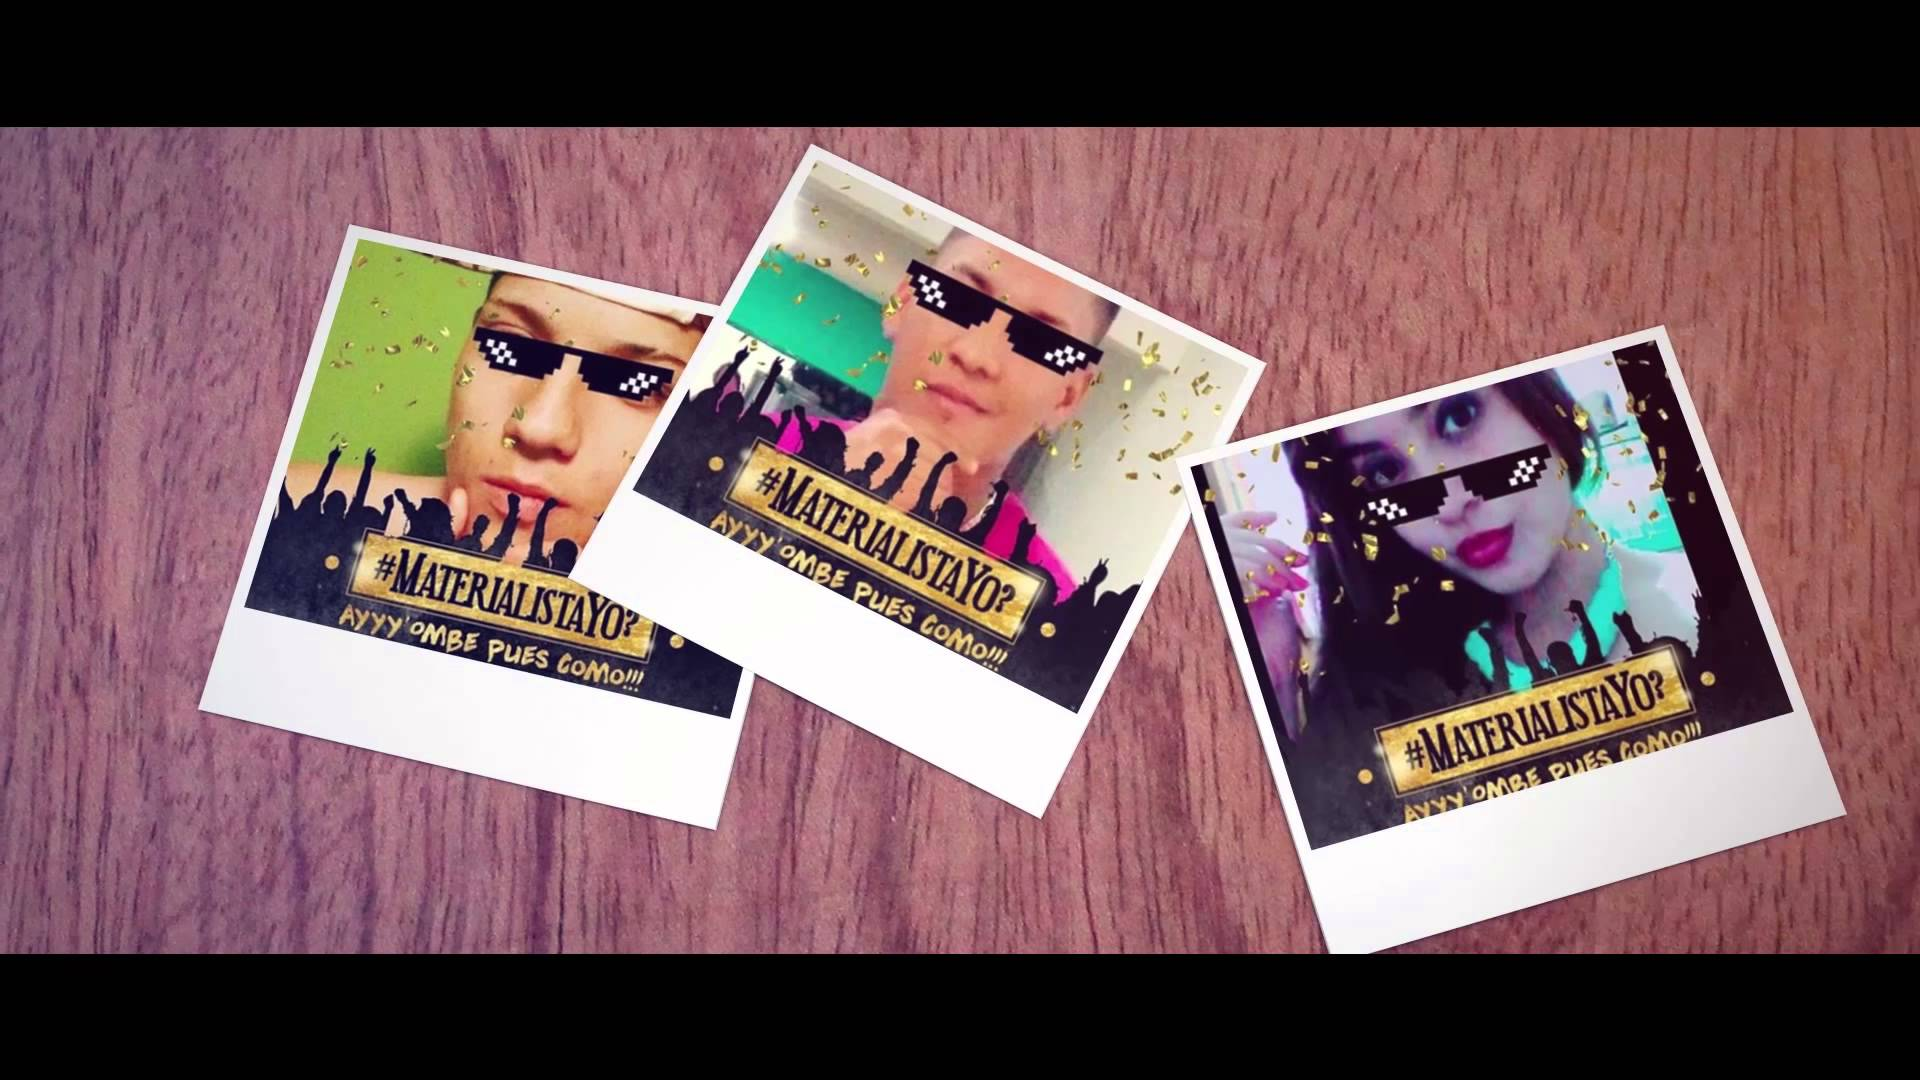 silvestre dangond ft nicky jam m - Silvestre Dangond Ft. Nicky Jam - Materialista (Video Lyric)